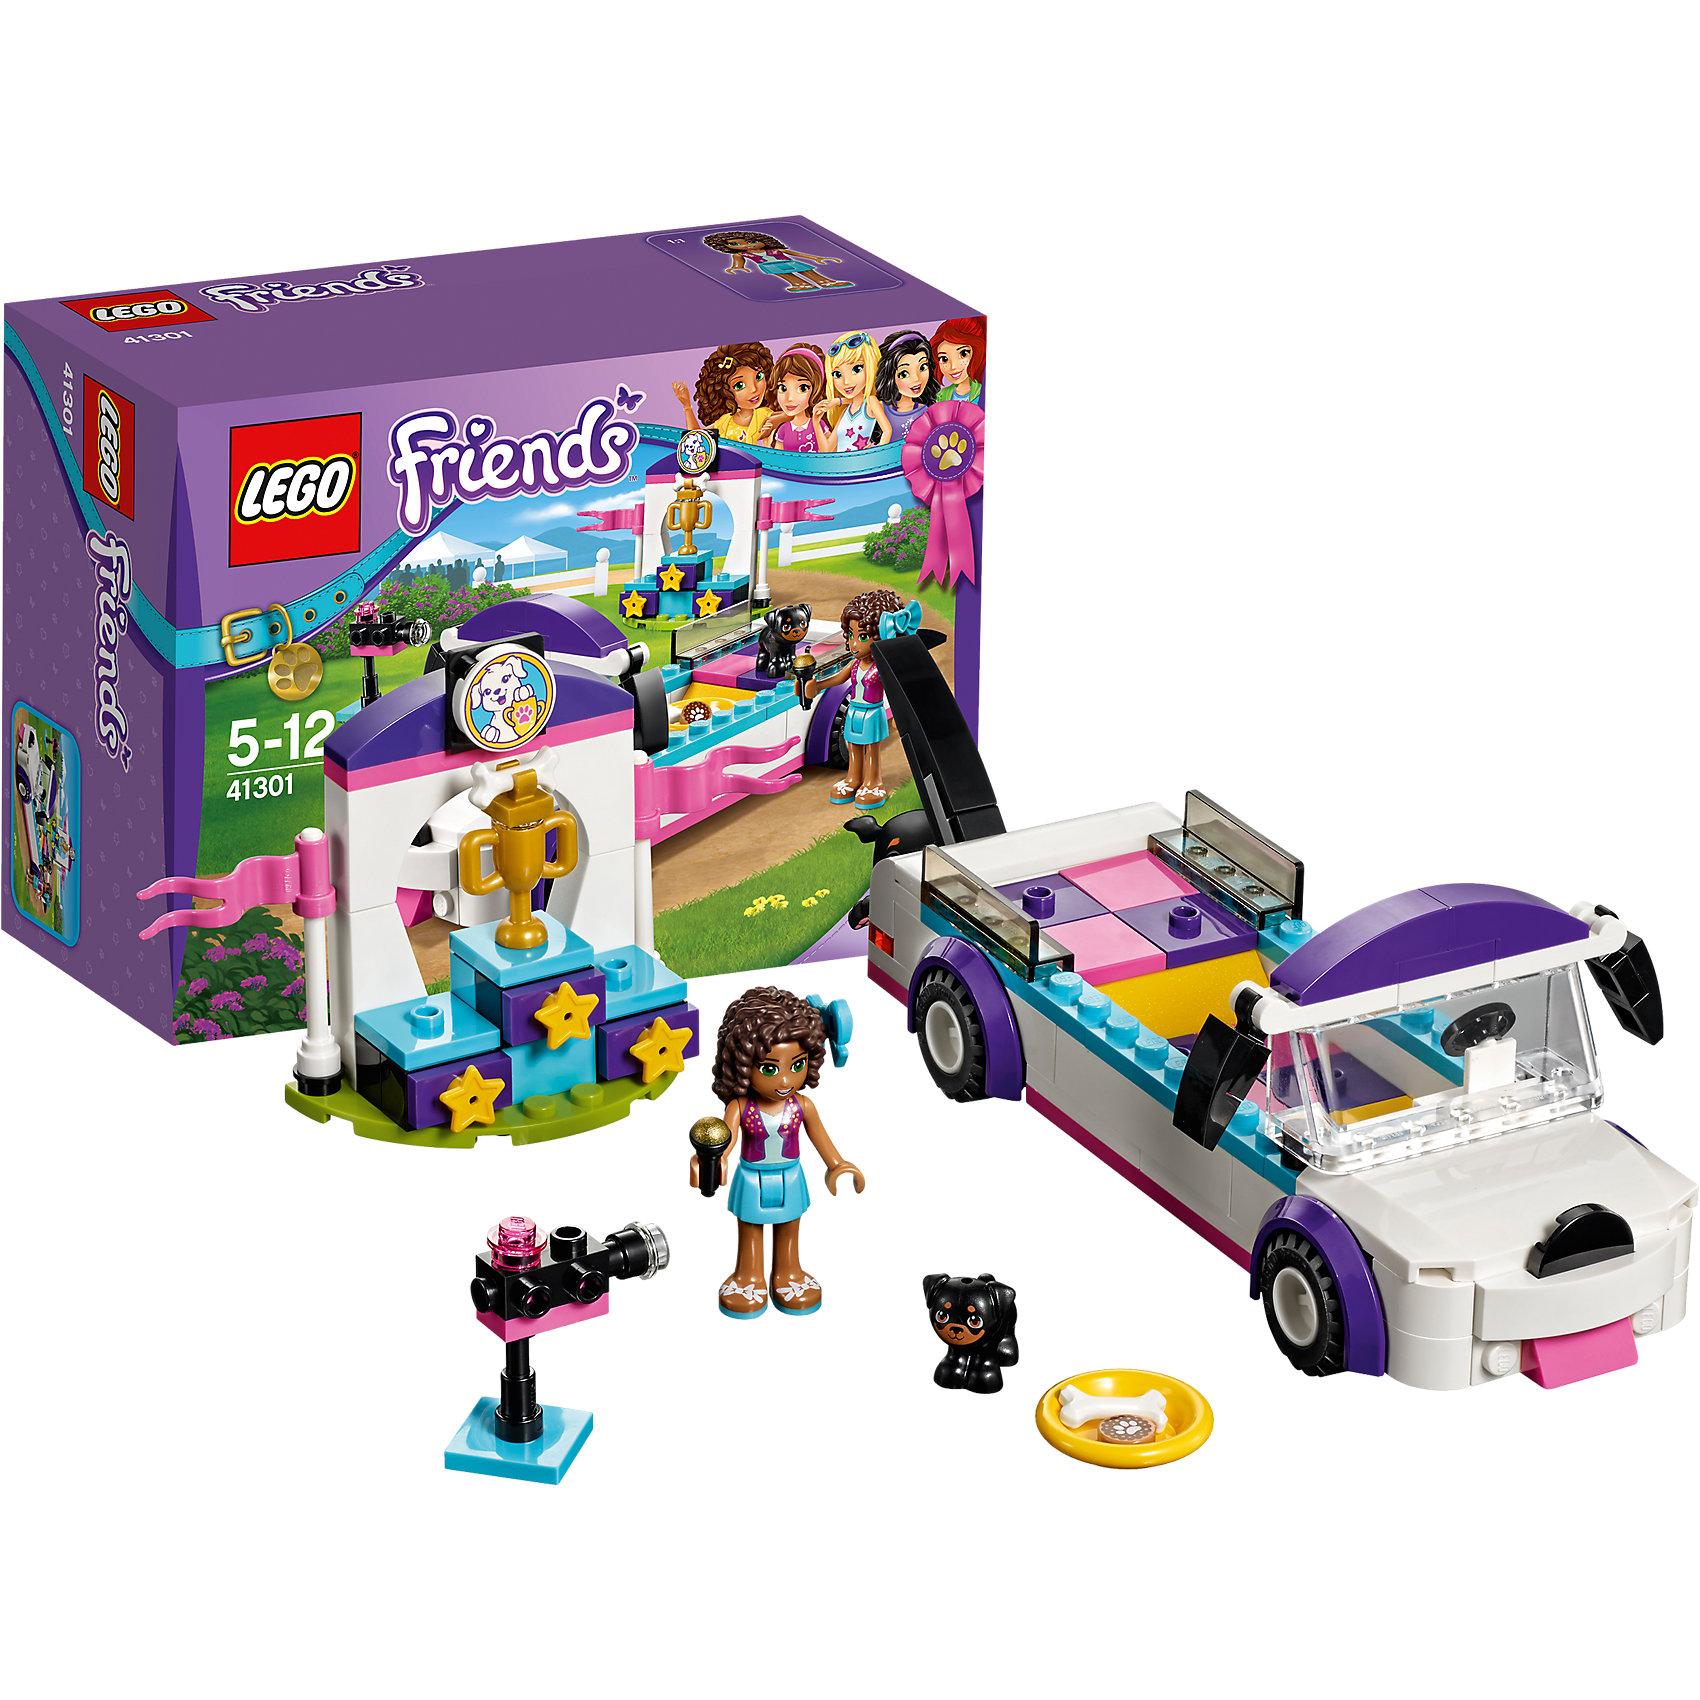 LEGO Friends 41301: Выставка щенков: НаграждениеПластмассовые конструкторы<br>LEGO Friends 41301: Выставка щенков: Награждение<br><br>Характеристики:<br><br>- в набор входит: детали для лимузина и пьедестала, фигурка Андреа, щенок Аполло, аксессуары, красочная инструкция<br>- состав: пластик<br>- количество деталей: 145<br>- размер лимузина: 15 * 5 * 5 см.<br>- размер пьедестала: 11 * 2 * 7 см.<br>- для детей в возрасте: от 5 до 12 лет<br>- Страна производитель: Дания/Китай/Чехия<br><br>Легендарный конструктор LEGO (ЛЕГО) представляет серию «Friends» (Друзья) в которую входят наборы конструкторов интересных не только в строительстве, но и в игре. <br><br>Серия разработана с учетом различных повседневных ситуаций и мест. Оправляйся на парад победителя вместе с Андреа! Первоклассный лимузин для победителей выставки собак возглавляет парад. Храбрый щенок Аполло занял первое место и едет в лимузине на ярком постаменте. Необычный лимузин выглядит как настоящая собачка, ведь у него даже и нос имеется! Андреа ведет репортаж по телевидению и рассказывает все о победителе сложного конкурса. В набор входит пьедестал для победителя и золотой кубок. В качестве бонуса щенок Аполло получает вкусное лакомство. Сама фигурка Андреа отлично проработана, ее рельефные волосы уложены в красивую прическу, в волосы она вставила нежный бантик. Ее наряд отлично подходит для такой выставки – блестящий топ, жилетка и простая голубая юбочка. Фигурка может двигать головой, руками, торсом и принимать сидячее положение. <br><br>Фигурка щенка вставляется в детали лего, чтобы он не упал, благодаря специальному отверстию, можно одевать и снимать бантик. Играя с конструктором ребенок развивает моторику рук, воображение и логическое мышление, научится собирать по инструкции и создавать свои модели. Придумывайте новые истории любимых героев с набором LEGO «Friends»!<br><br>Конструктор LEGO Friends 41301: Выставка щенков: Награждение можно купить в нашем интернет-магазине.<br><br>Ширина мм: 195<br>Глуби